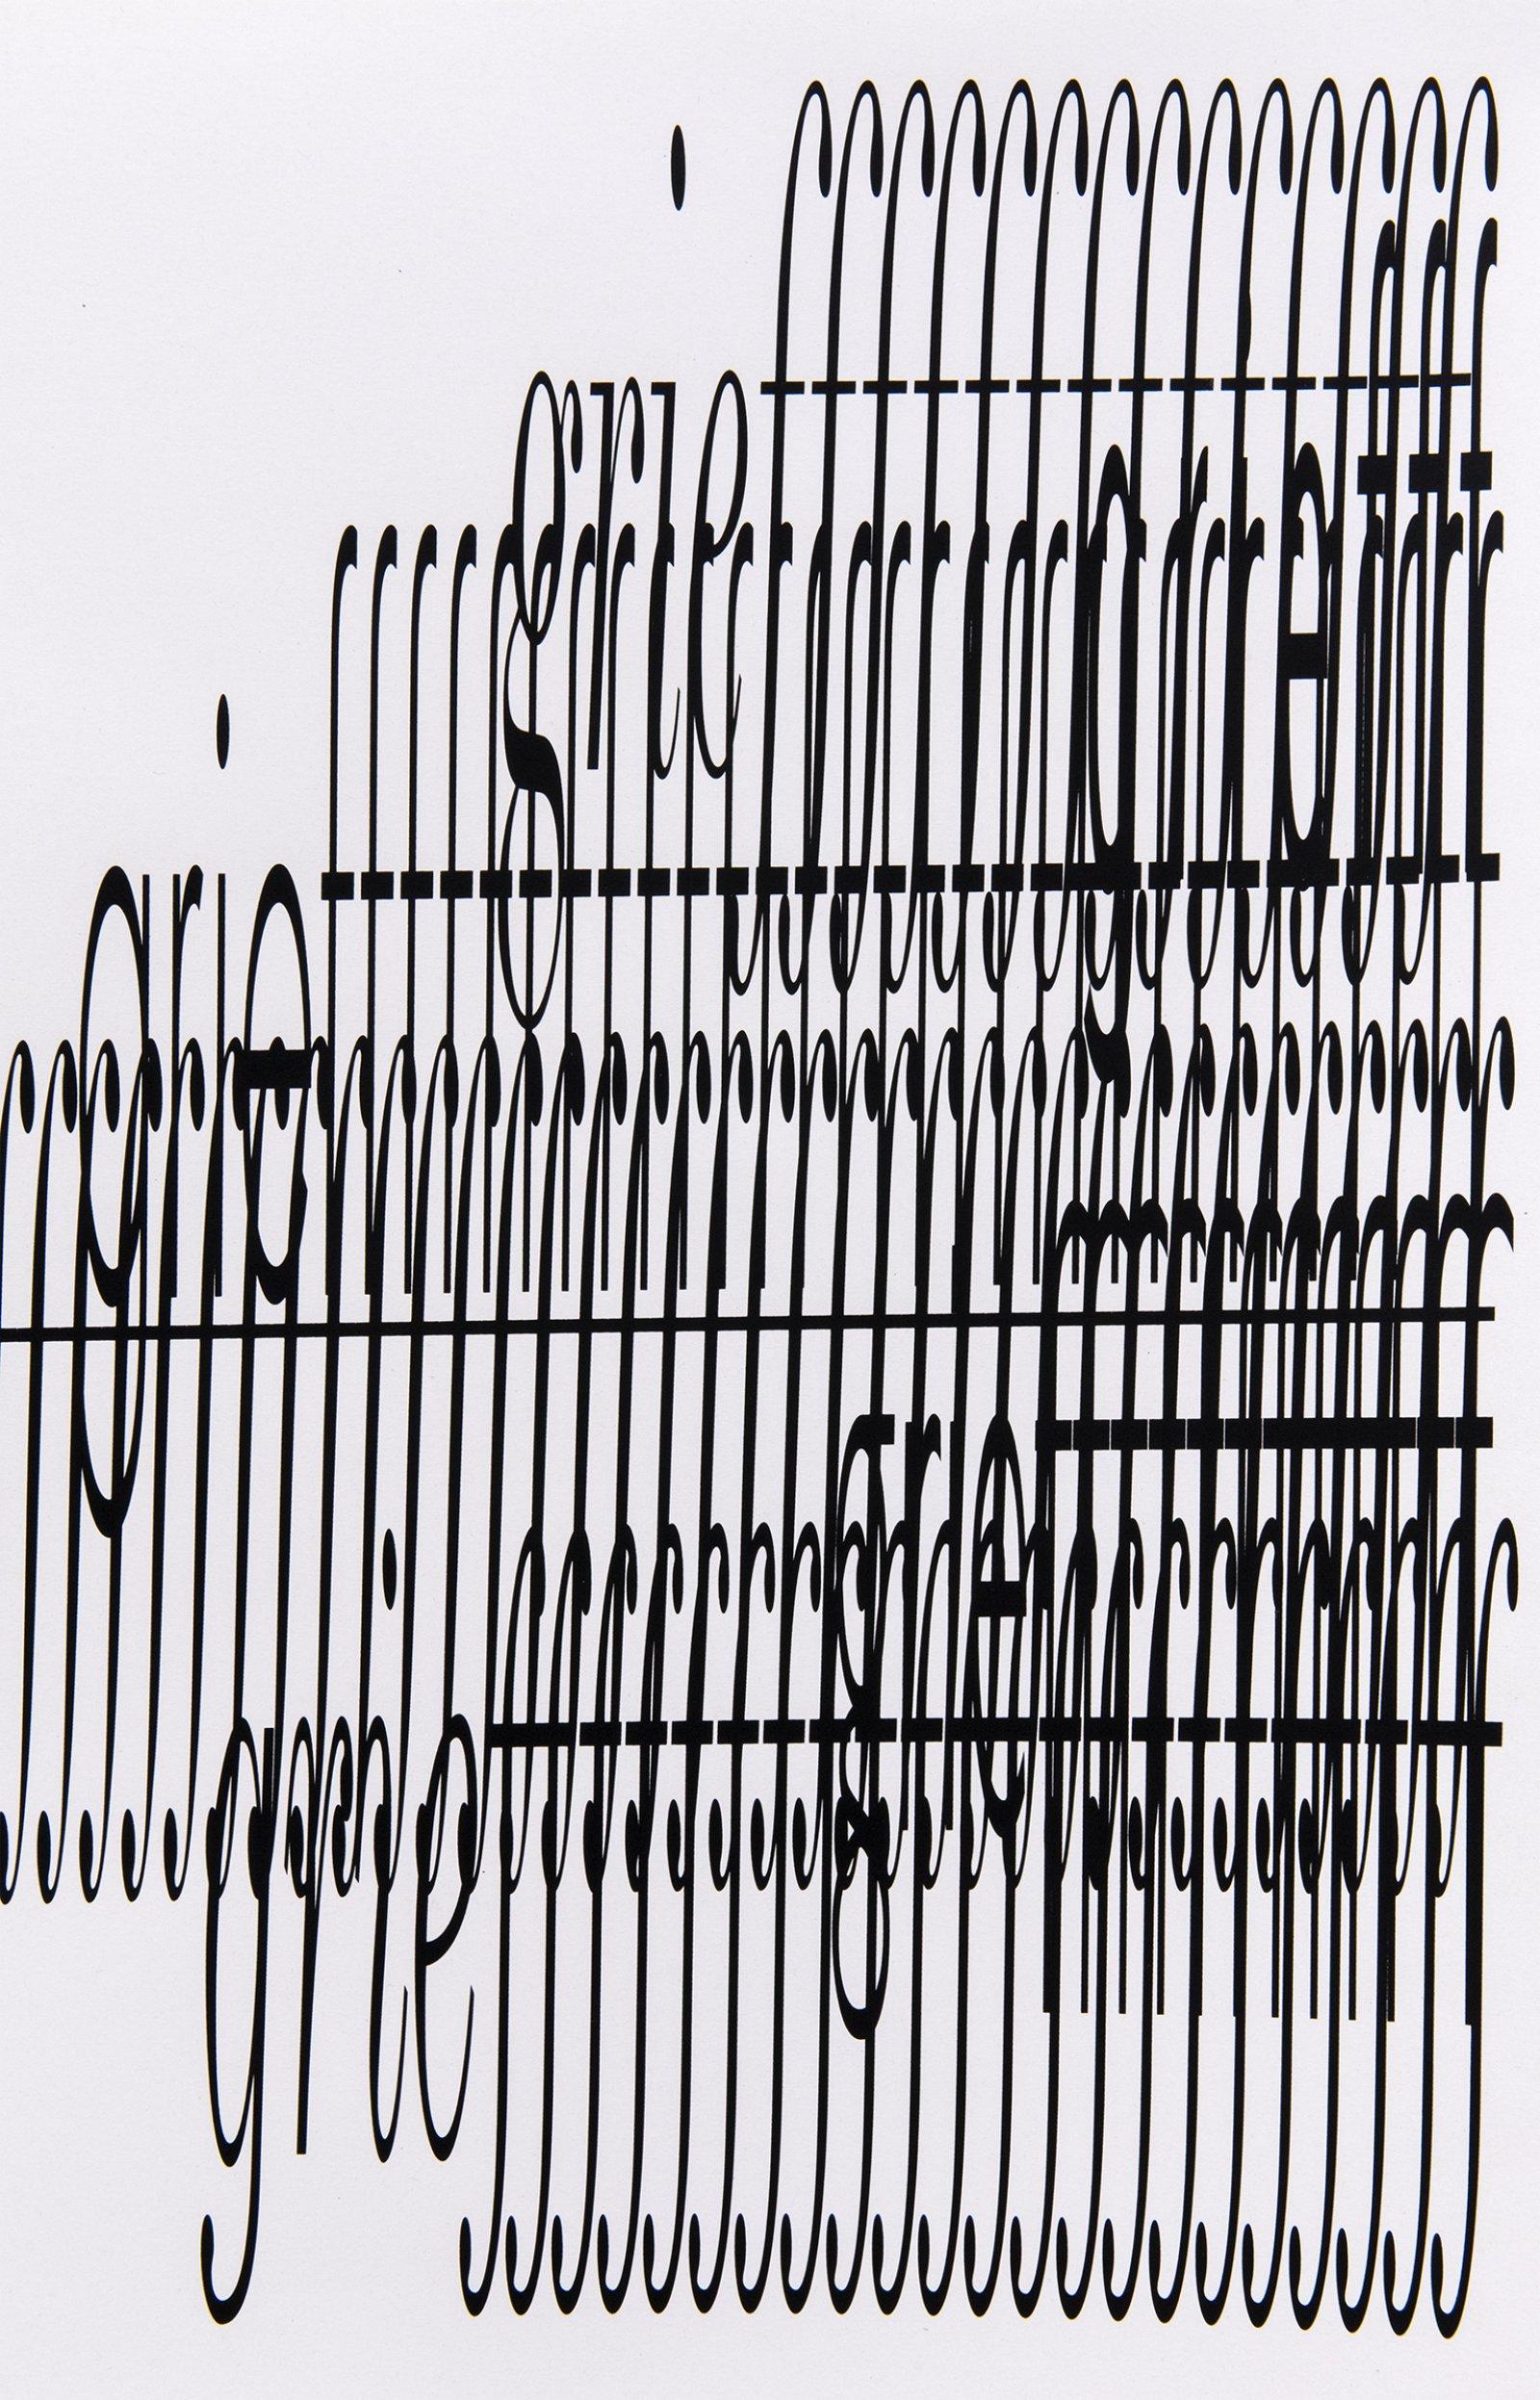 Janice Kerbel, Score, 'Crash' (detail), 2015, 3 silkscreen prints on paper, composition: 22 x 131 in. (56 x 334 cm), each sheet: 22 x 33 in. (56 x 84 cm) by Janice Kerbel